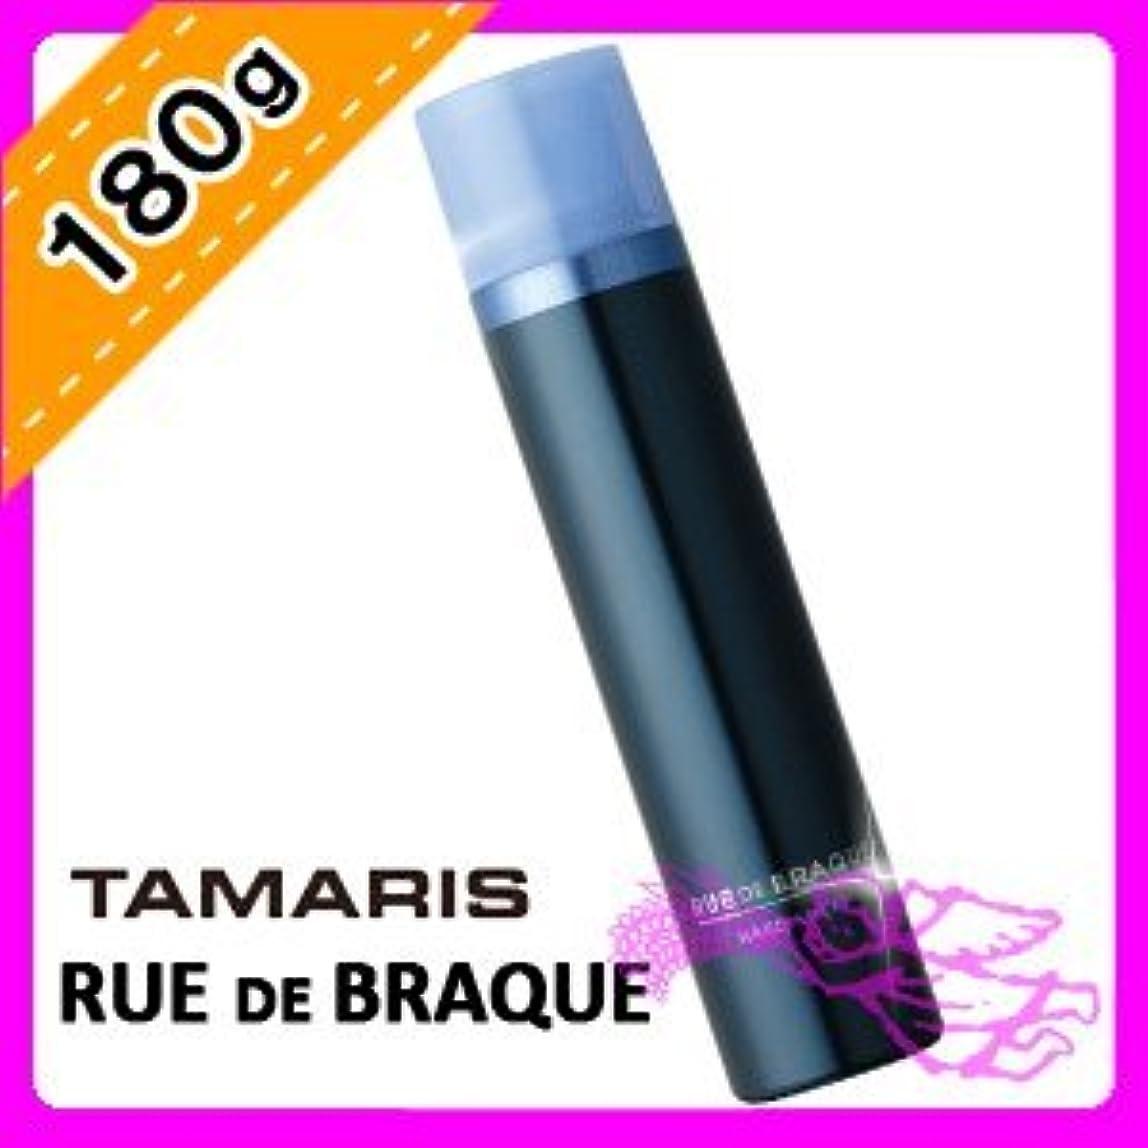 ワークショップ懐疑論ピストルタマリス ルードブラック ハードスプレー 180g TAMARIS RUE DE BRAQUE